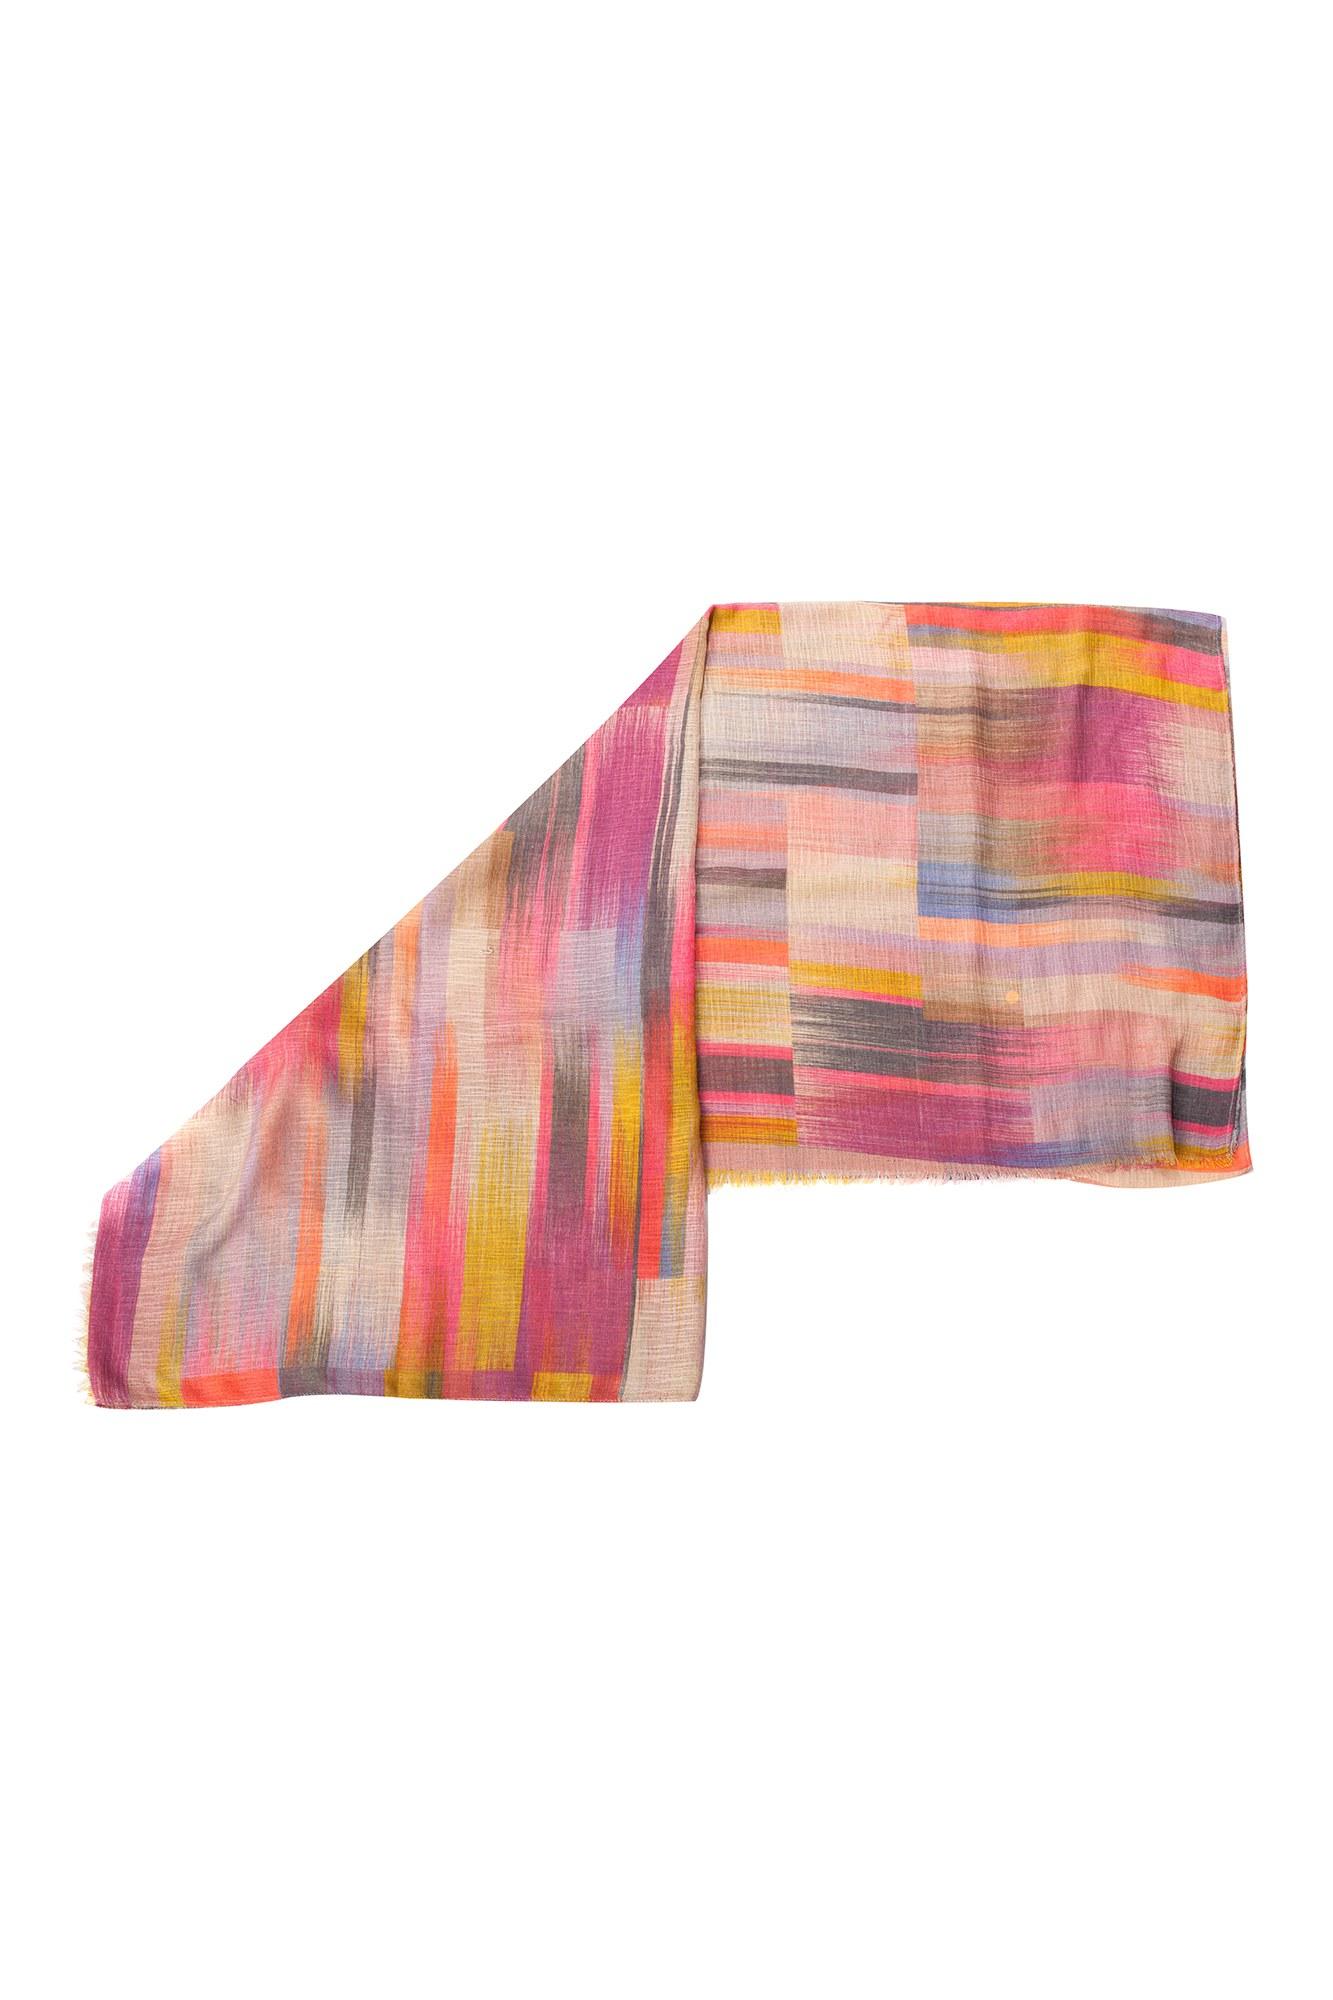 Esarfa multicolora abstracta